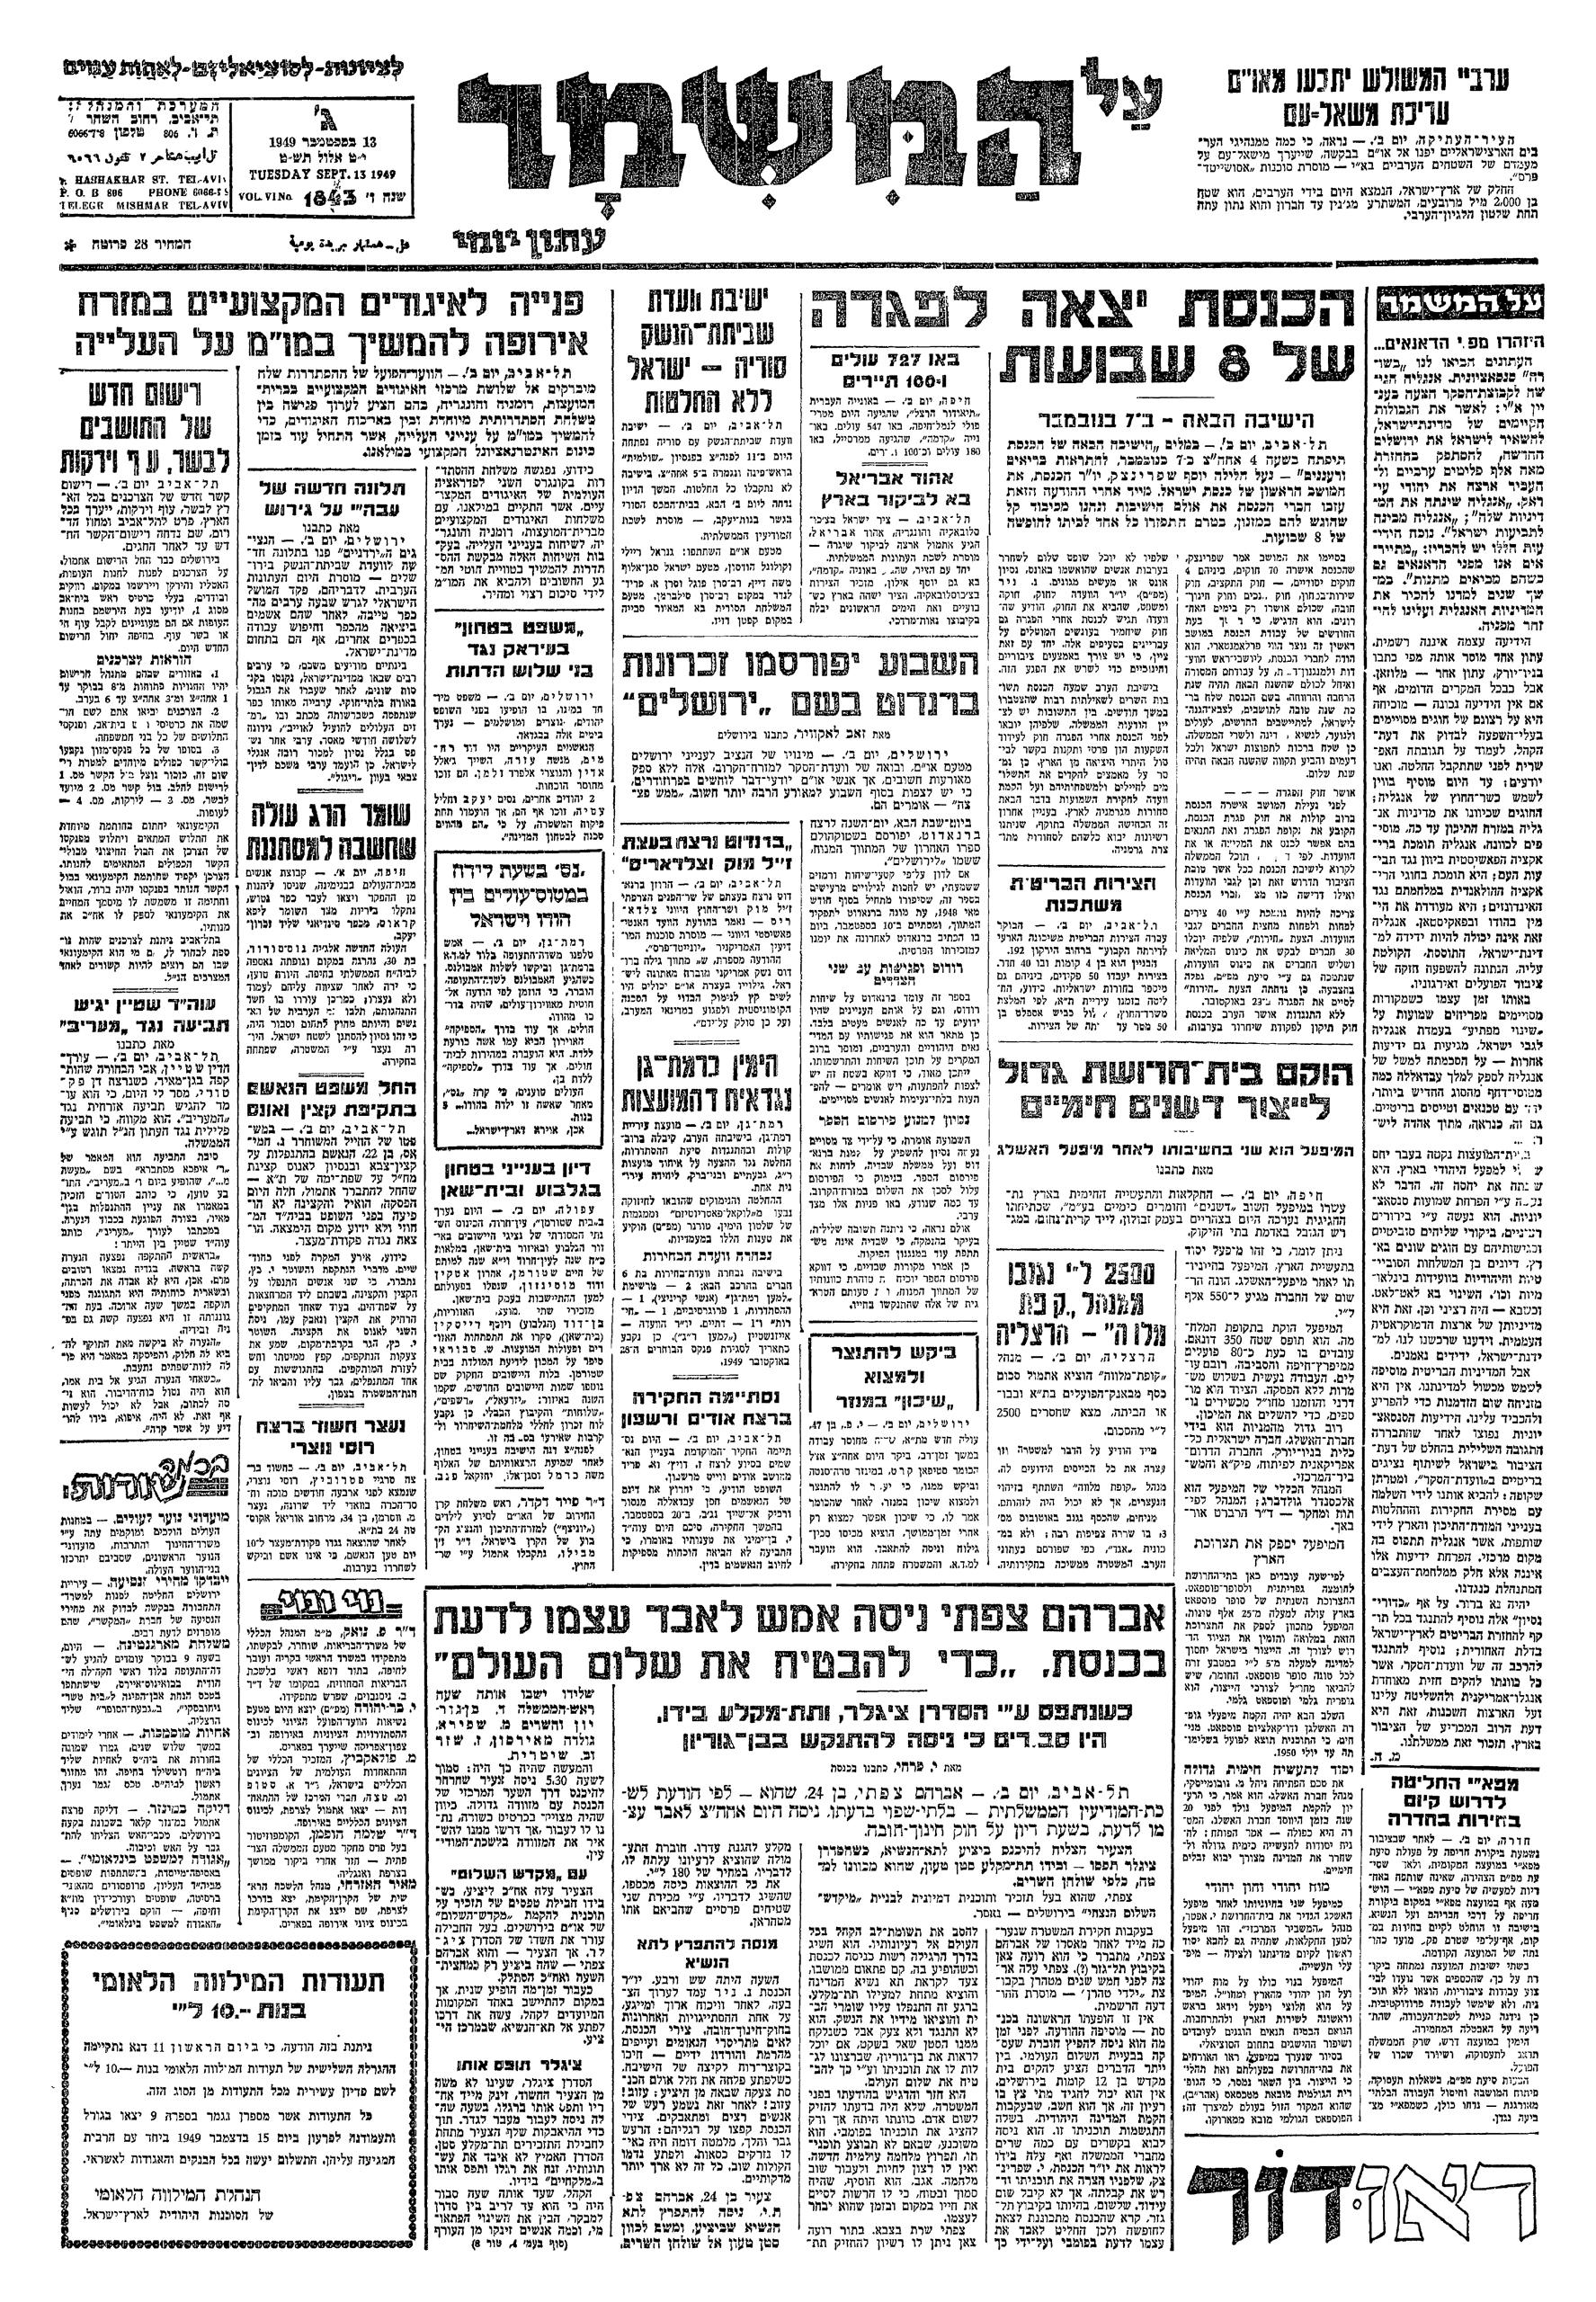 """שער """"על המשמר"""", 13.9.1949 (לחצו להגדלה)"""